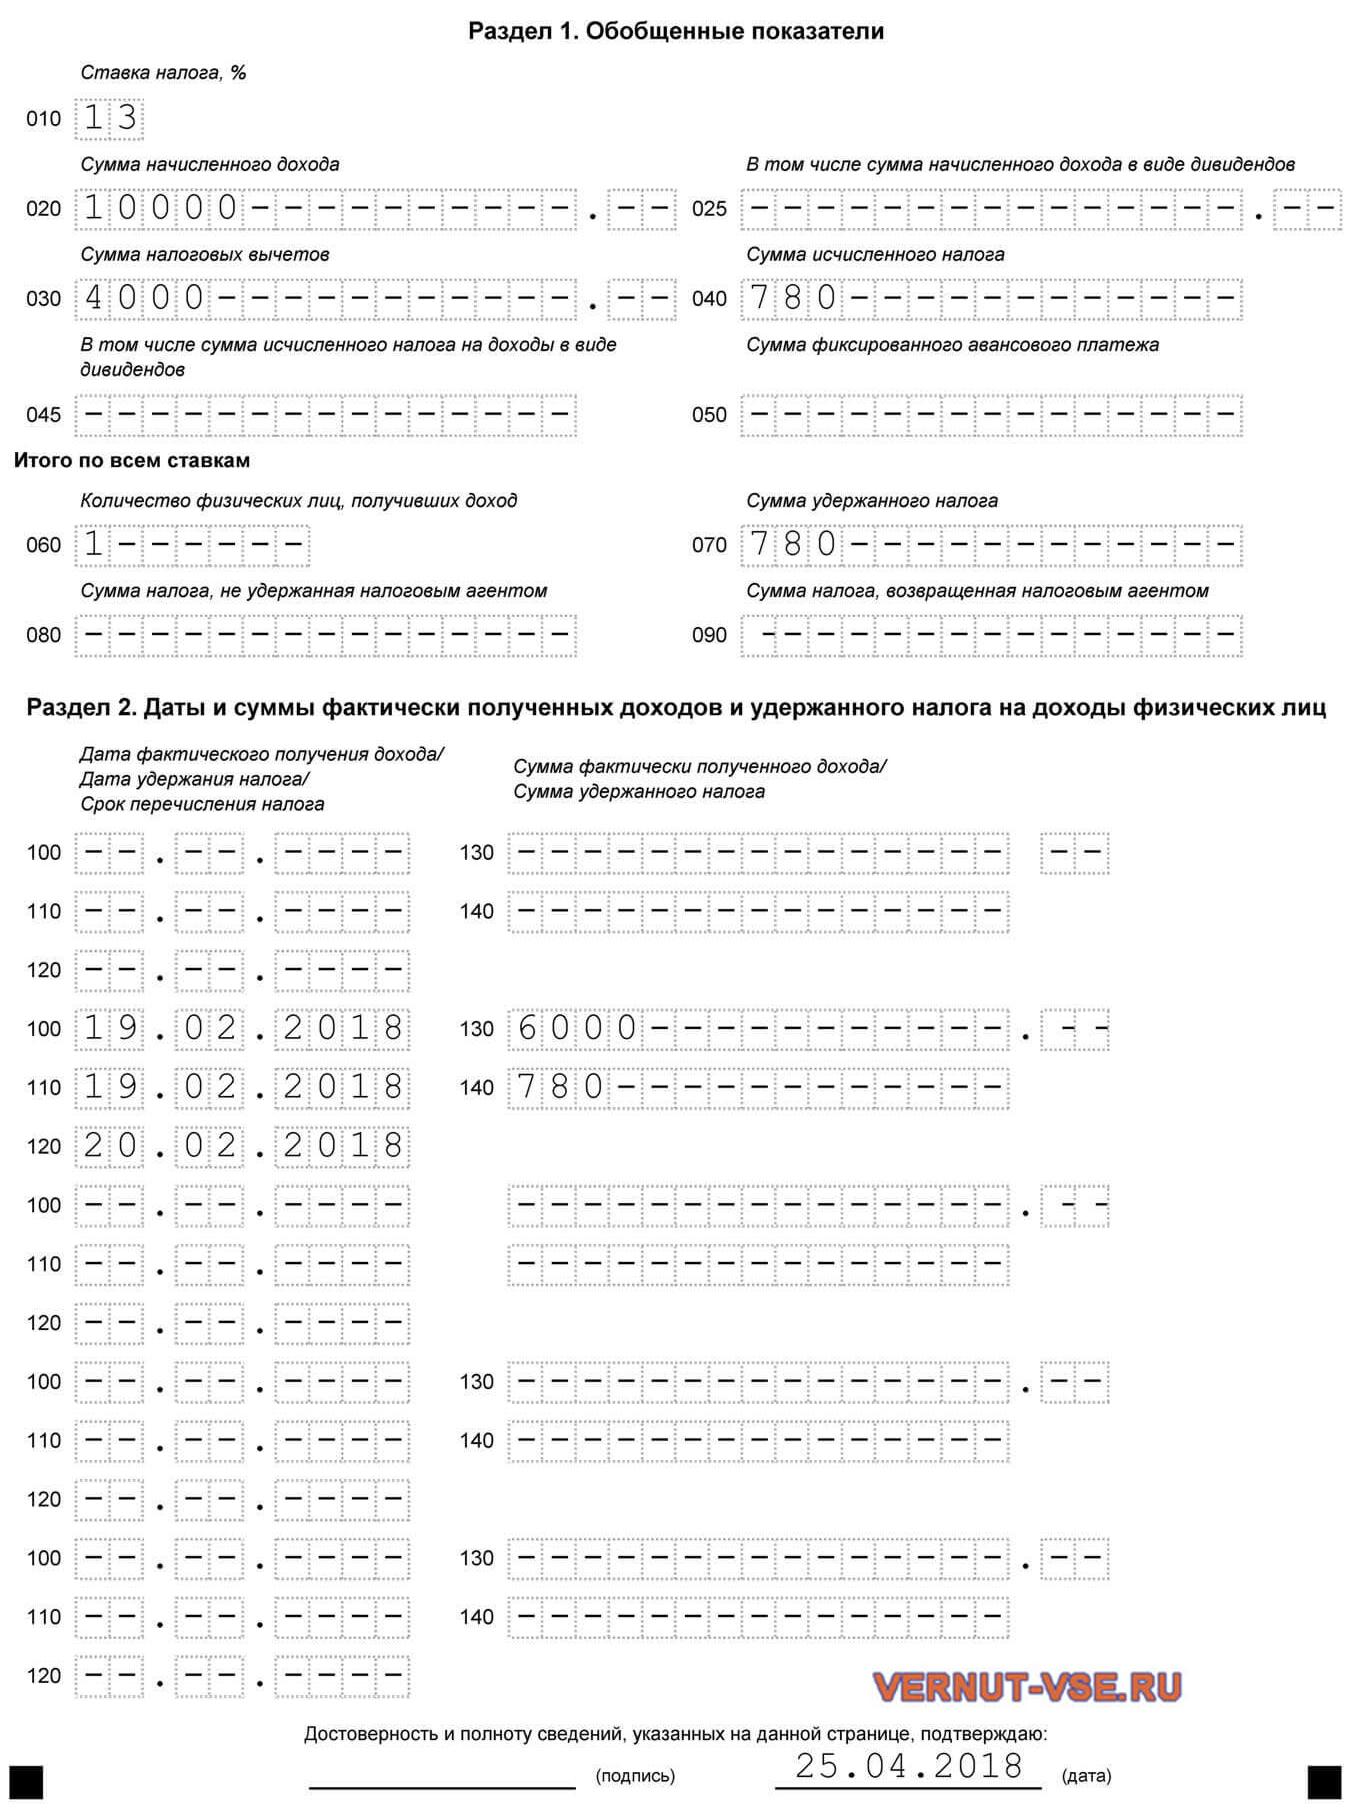 Пример отражения мат. помощи в 6-НДФЛ